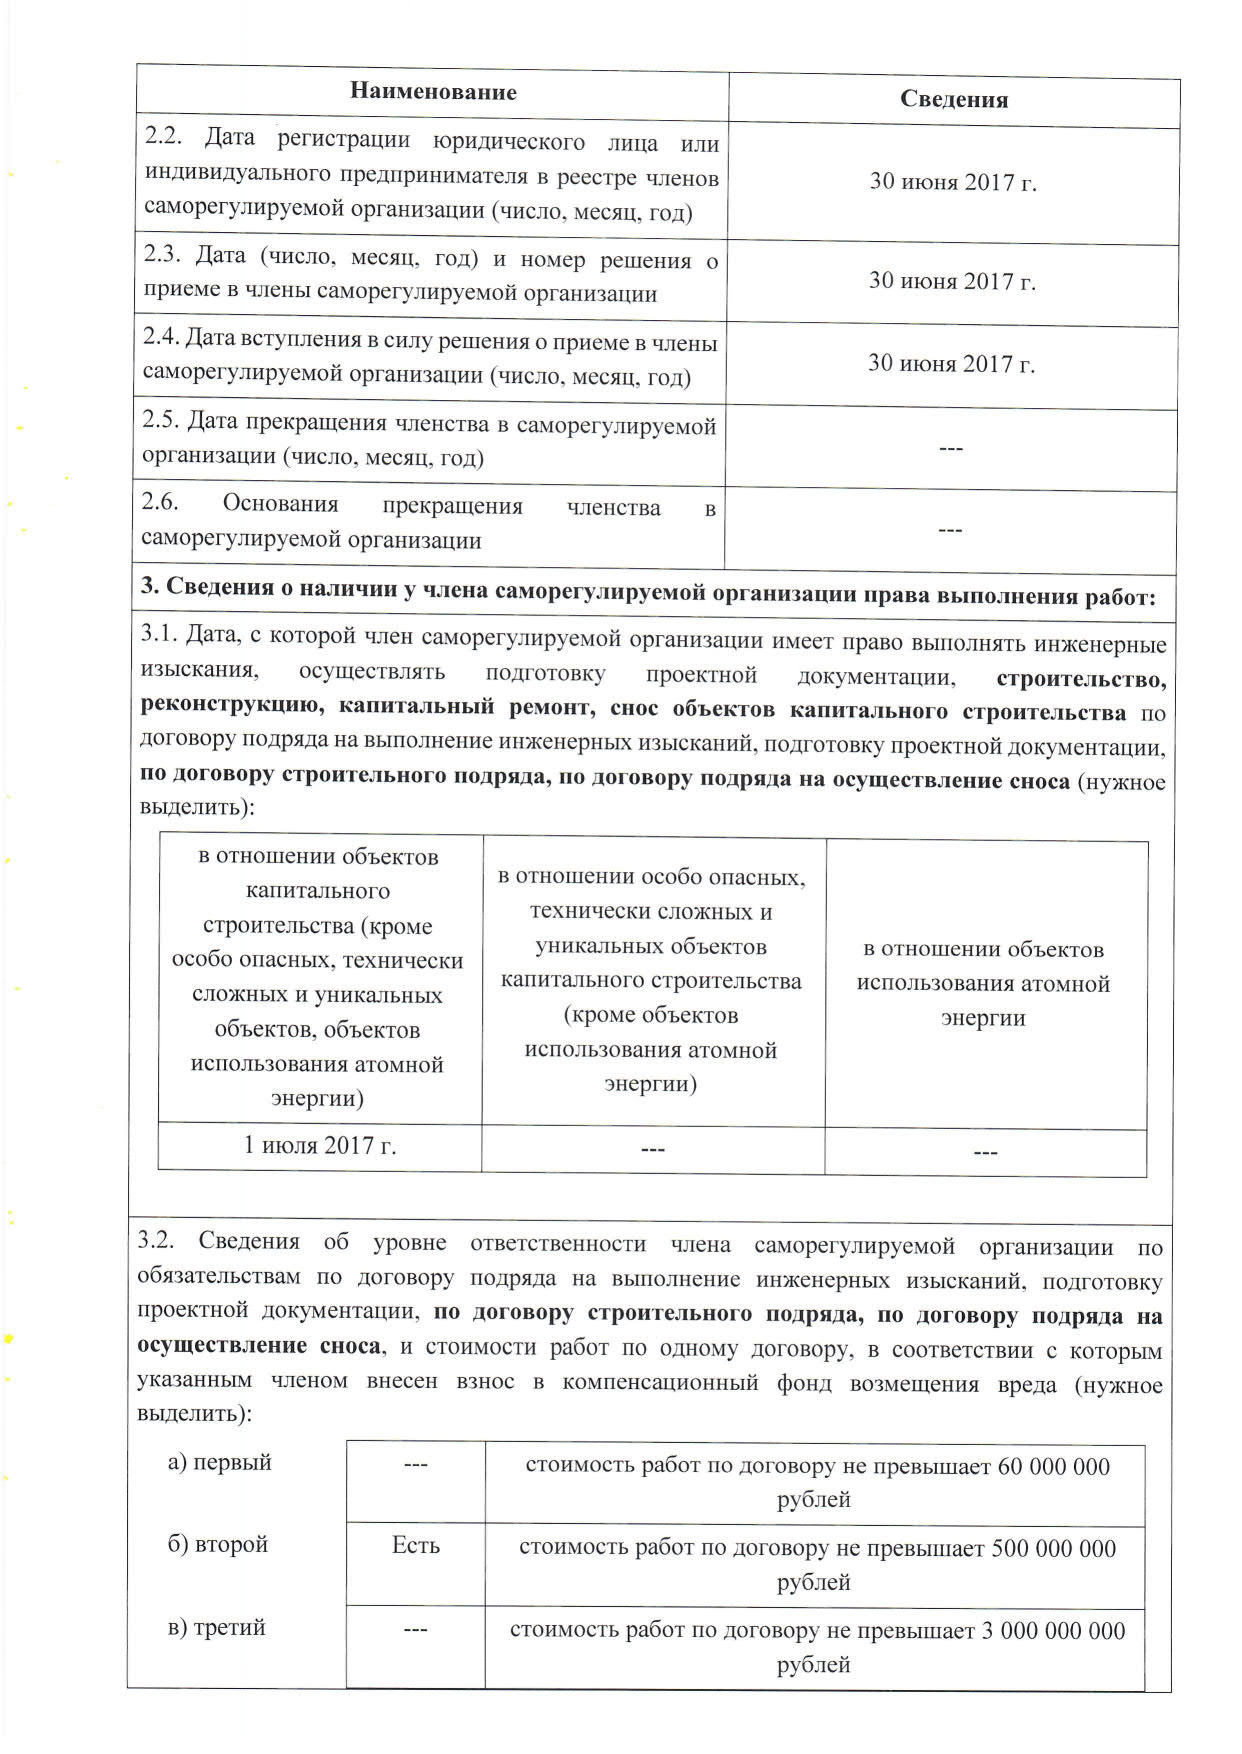 Выписка СРО ОСОПС СК ЭСТ 13 янв 2021_2